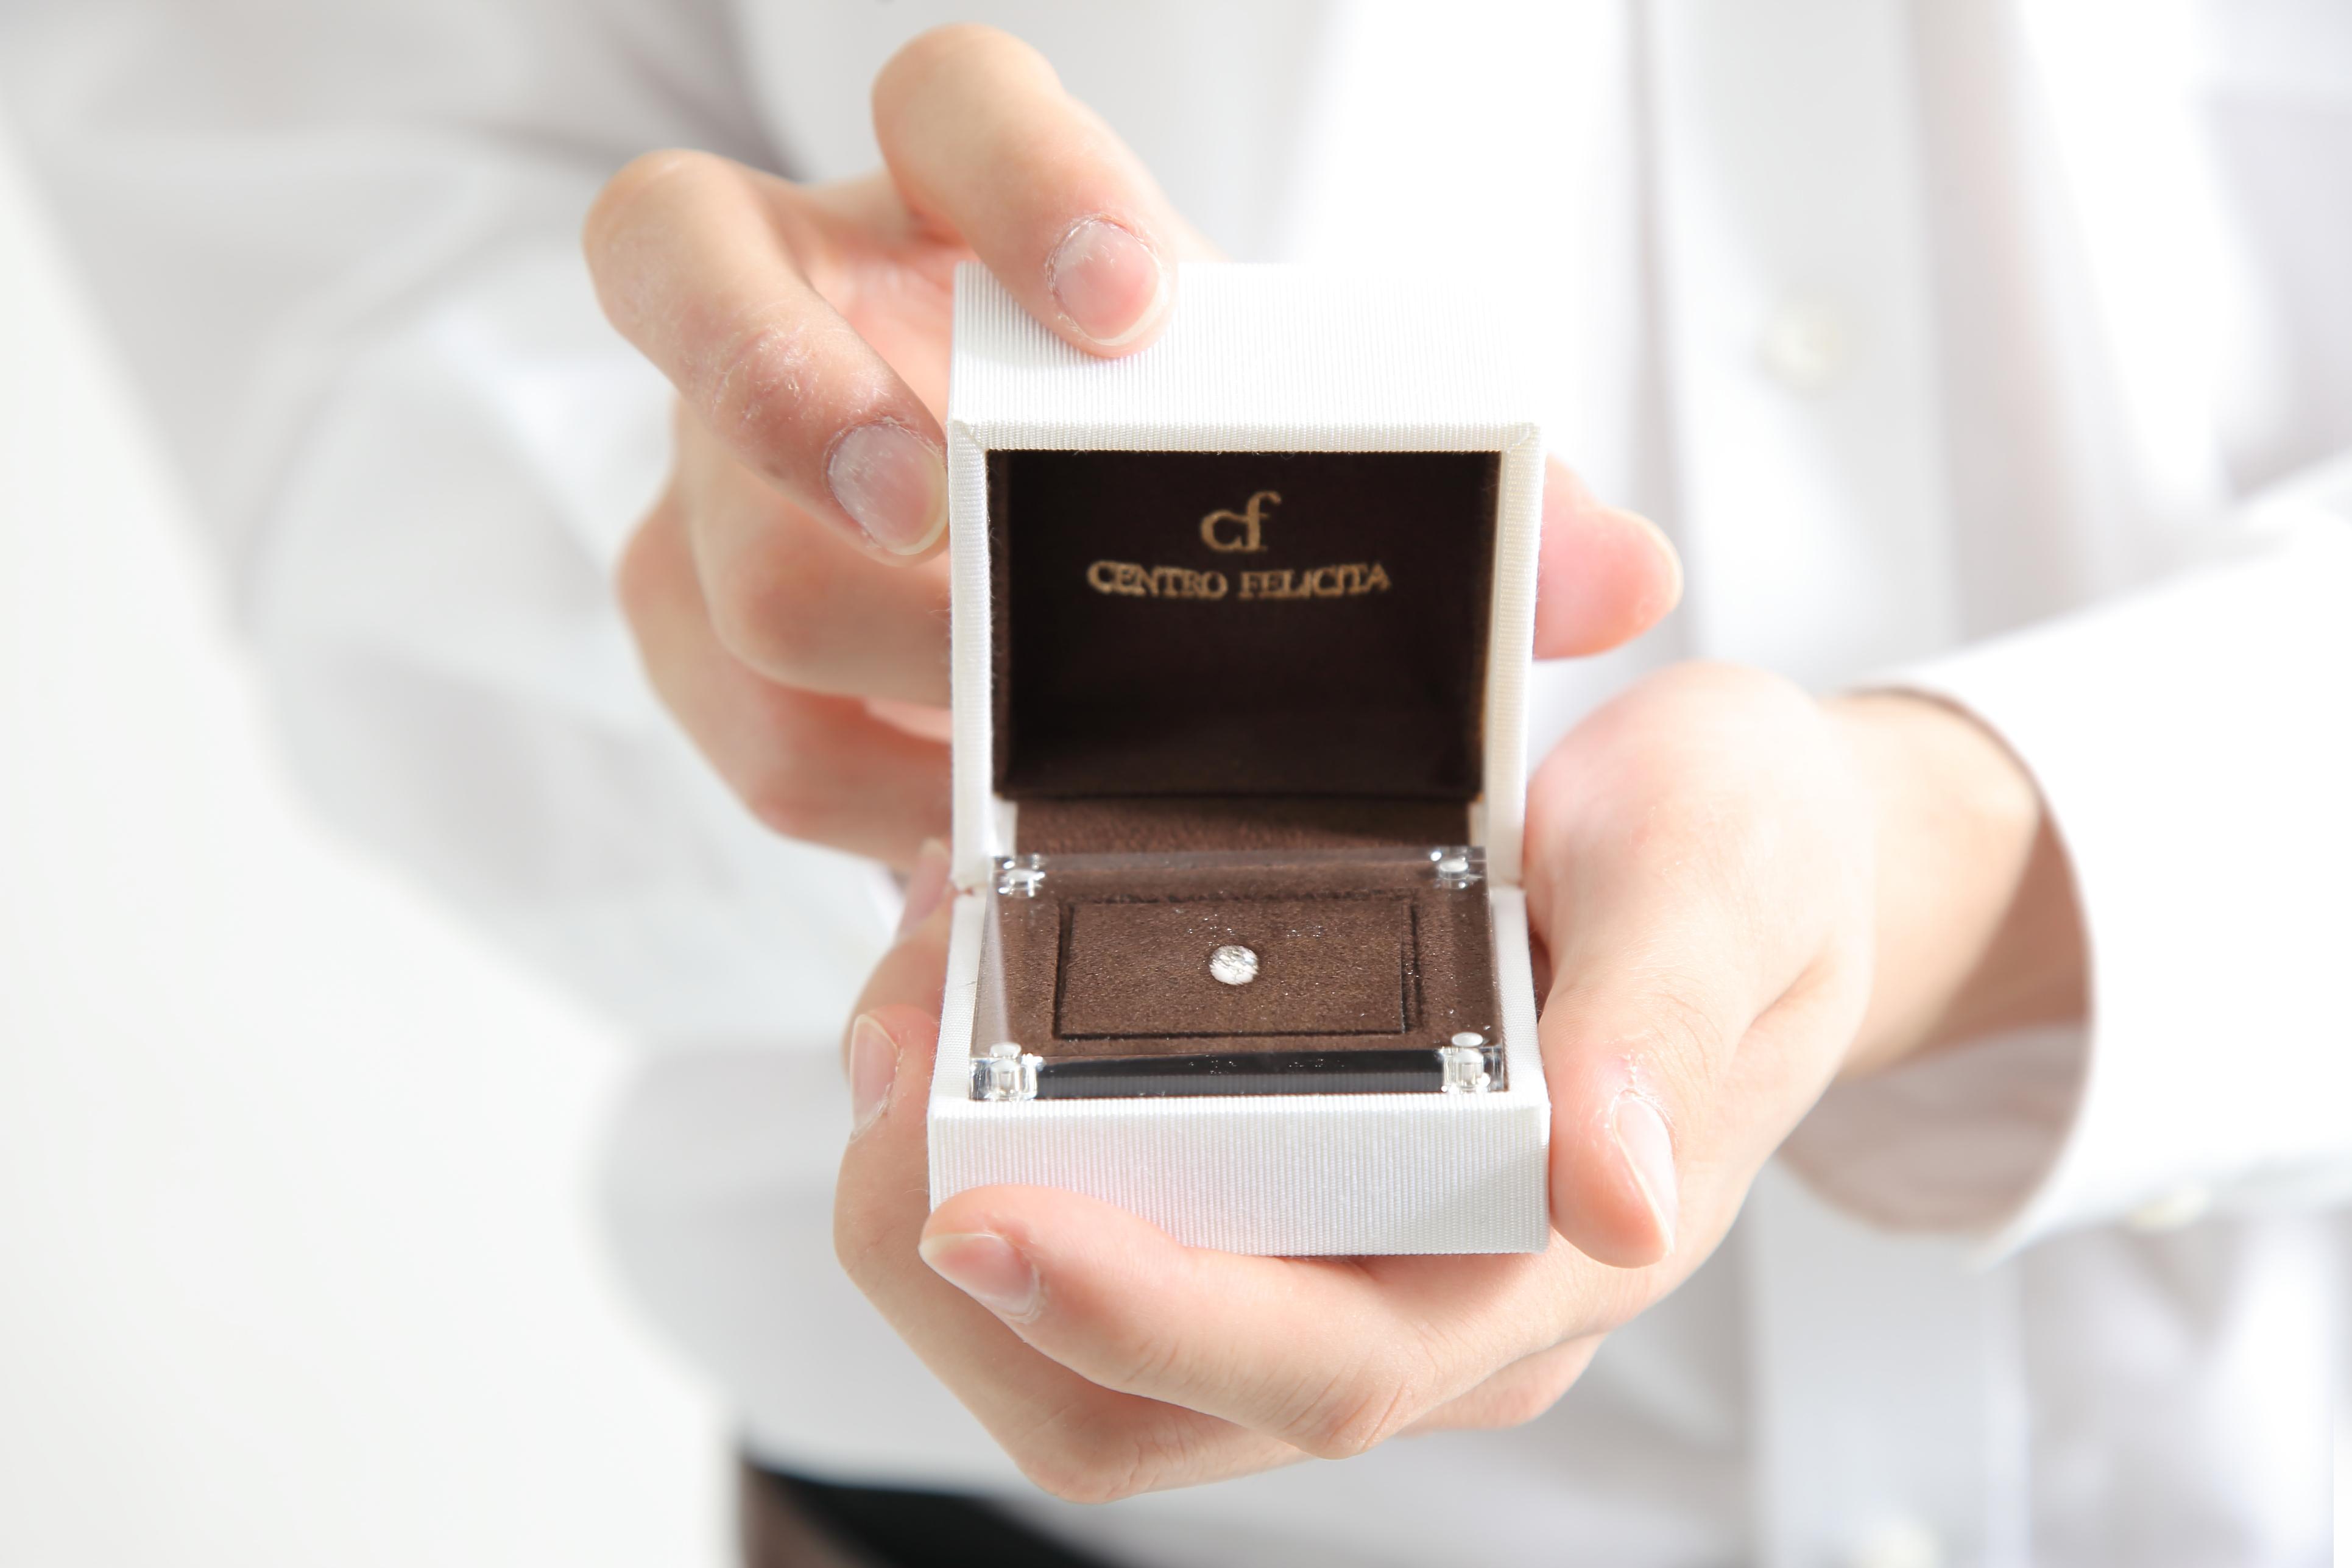 仙台 結婚指輪 婚約指輪 プロポーズ セントロフェリタ